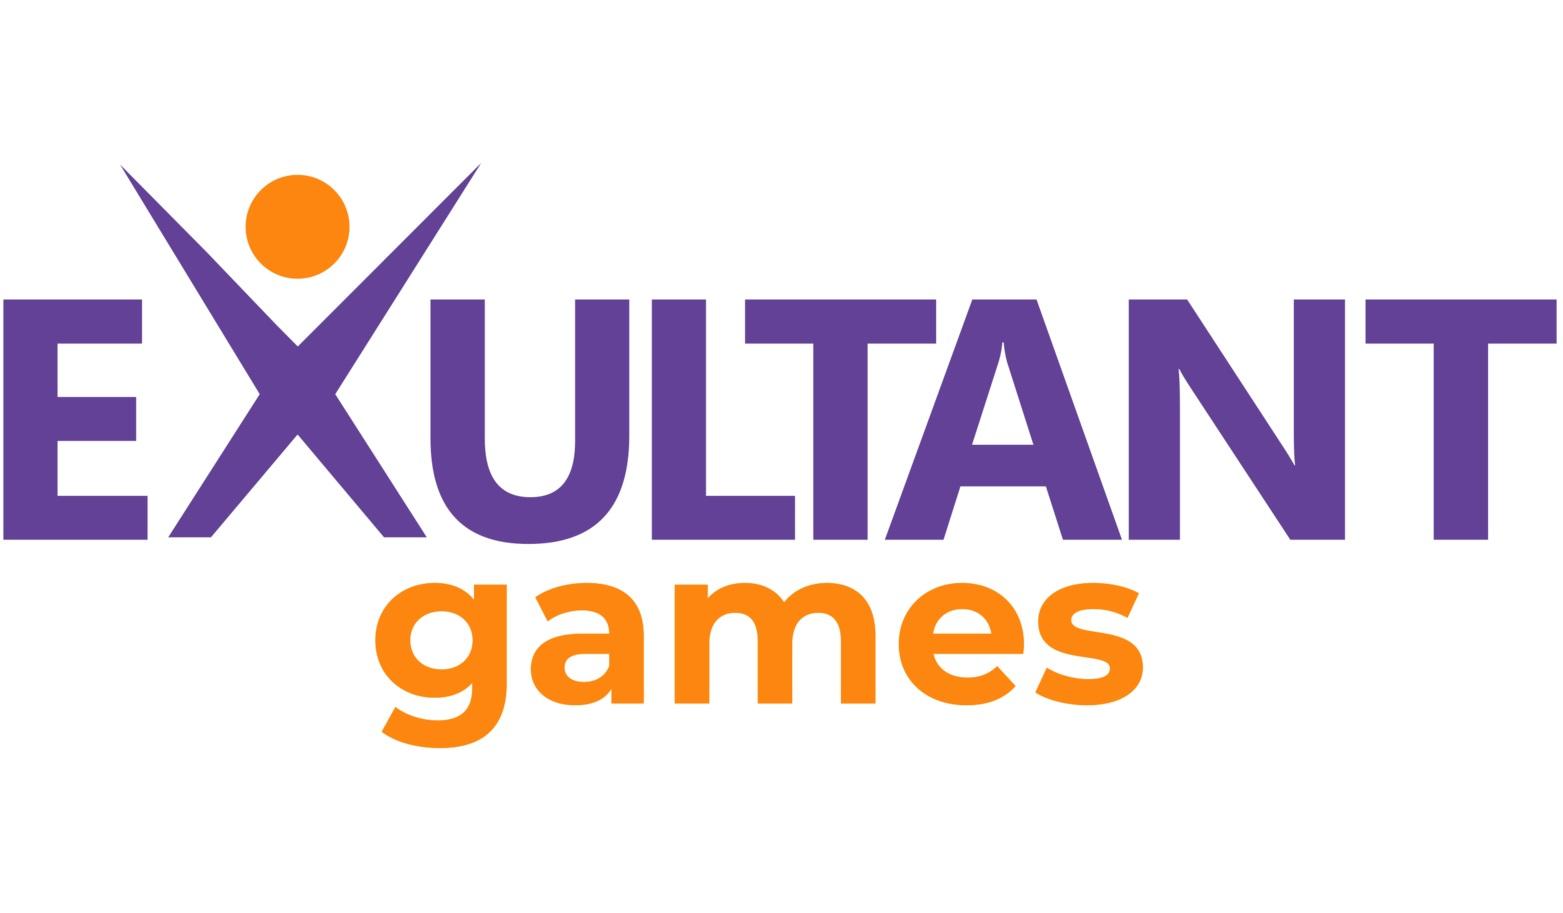 exultant+games.jpg